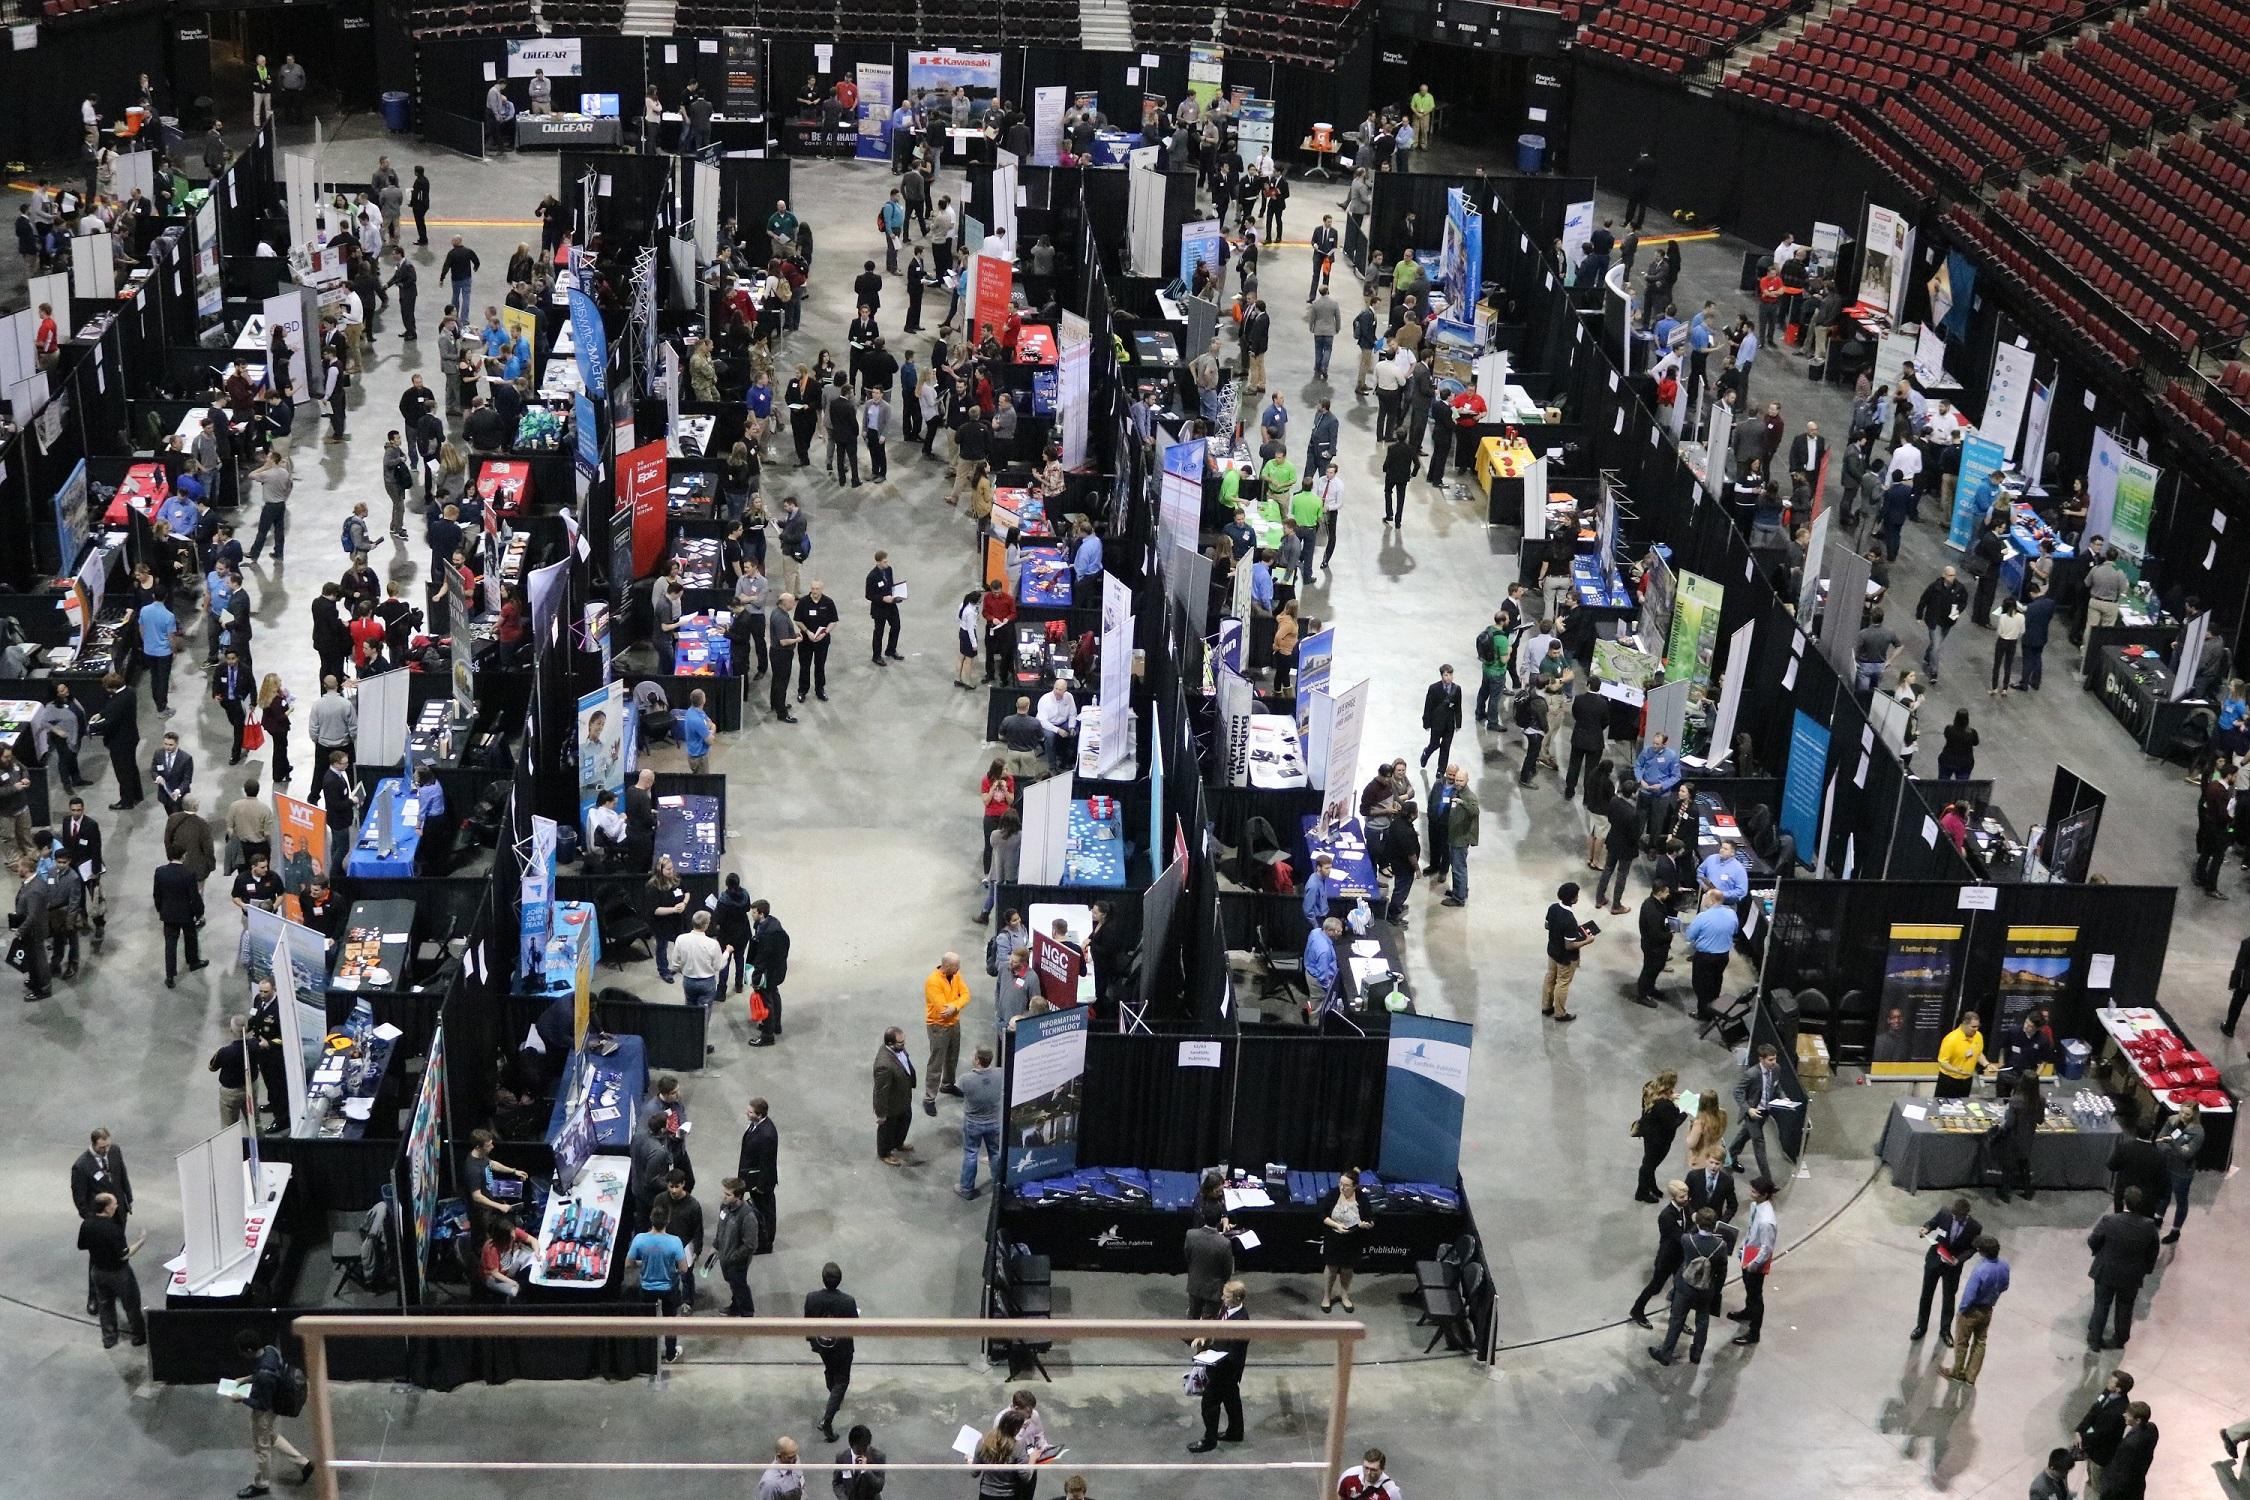 Career fair top view from Pinnacle Bank Arena